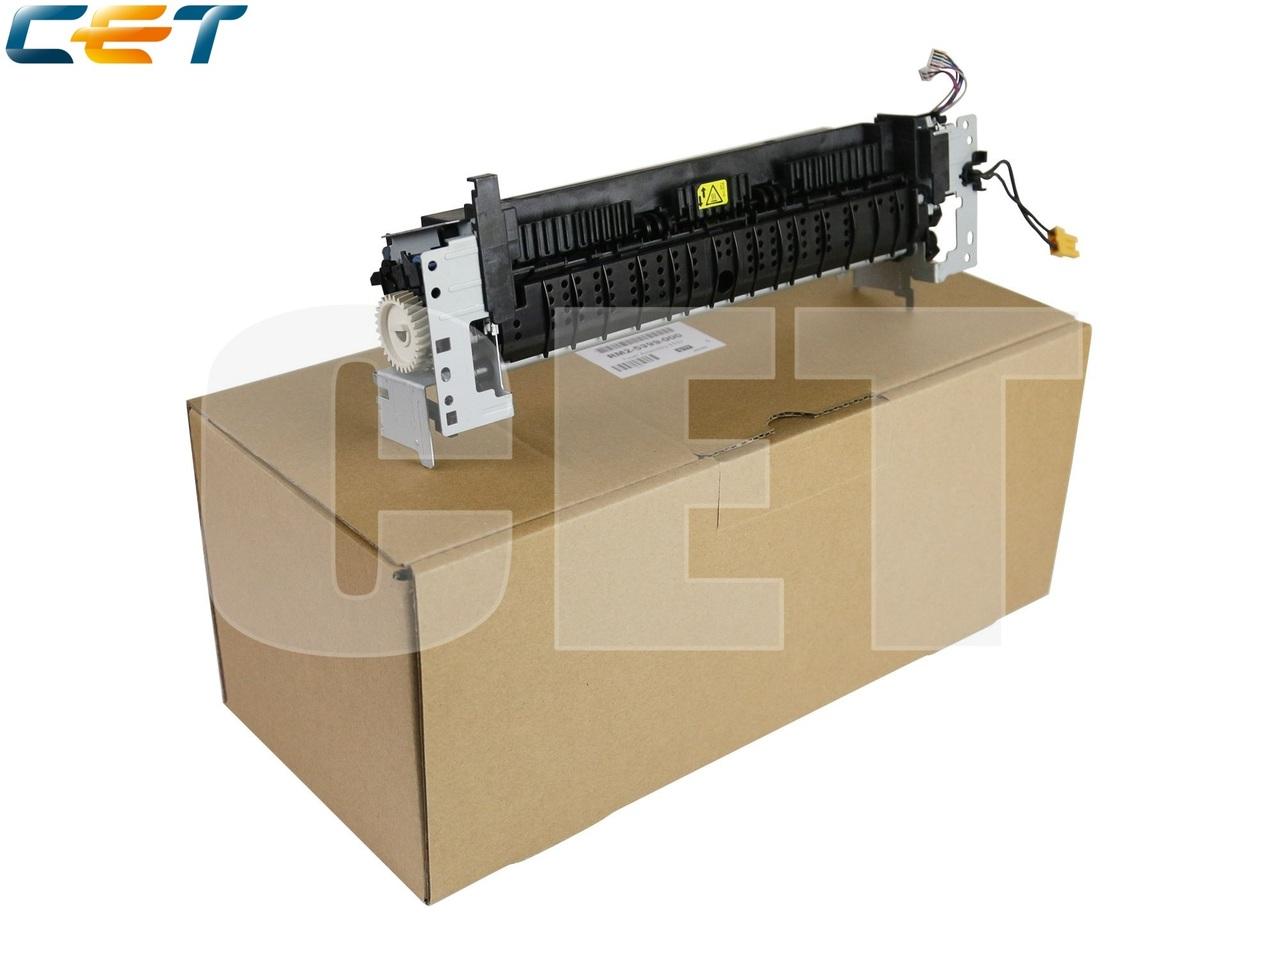 Фьюзер (печка) в сборе RM2-5425-000 для HP LaserJet ProM402/403/M426/427 (CET), CET3112